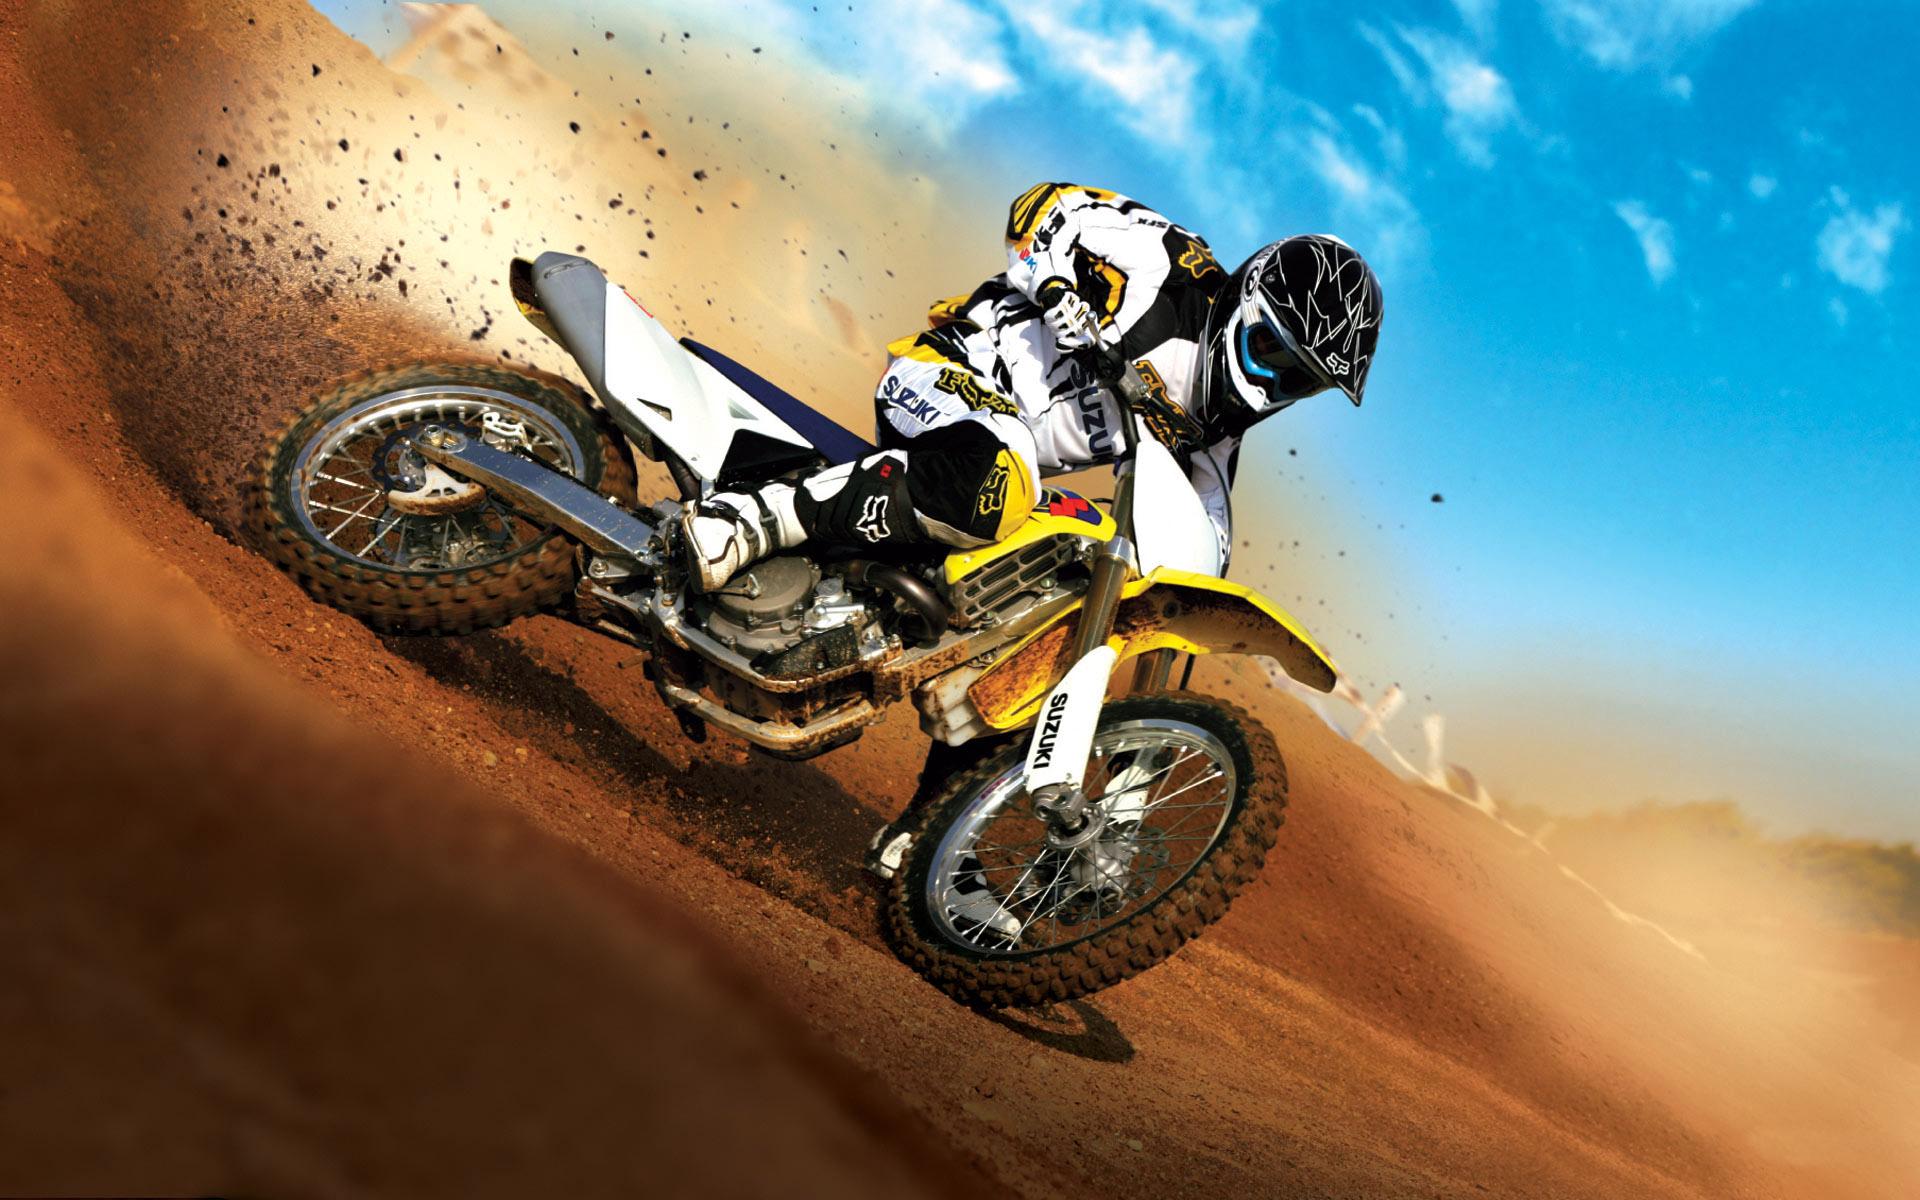 Мотокросс, скорость, песок, адреналин, байк